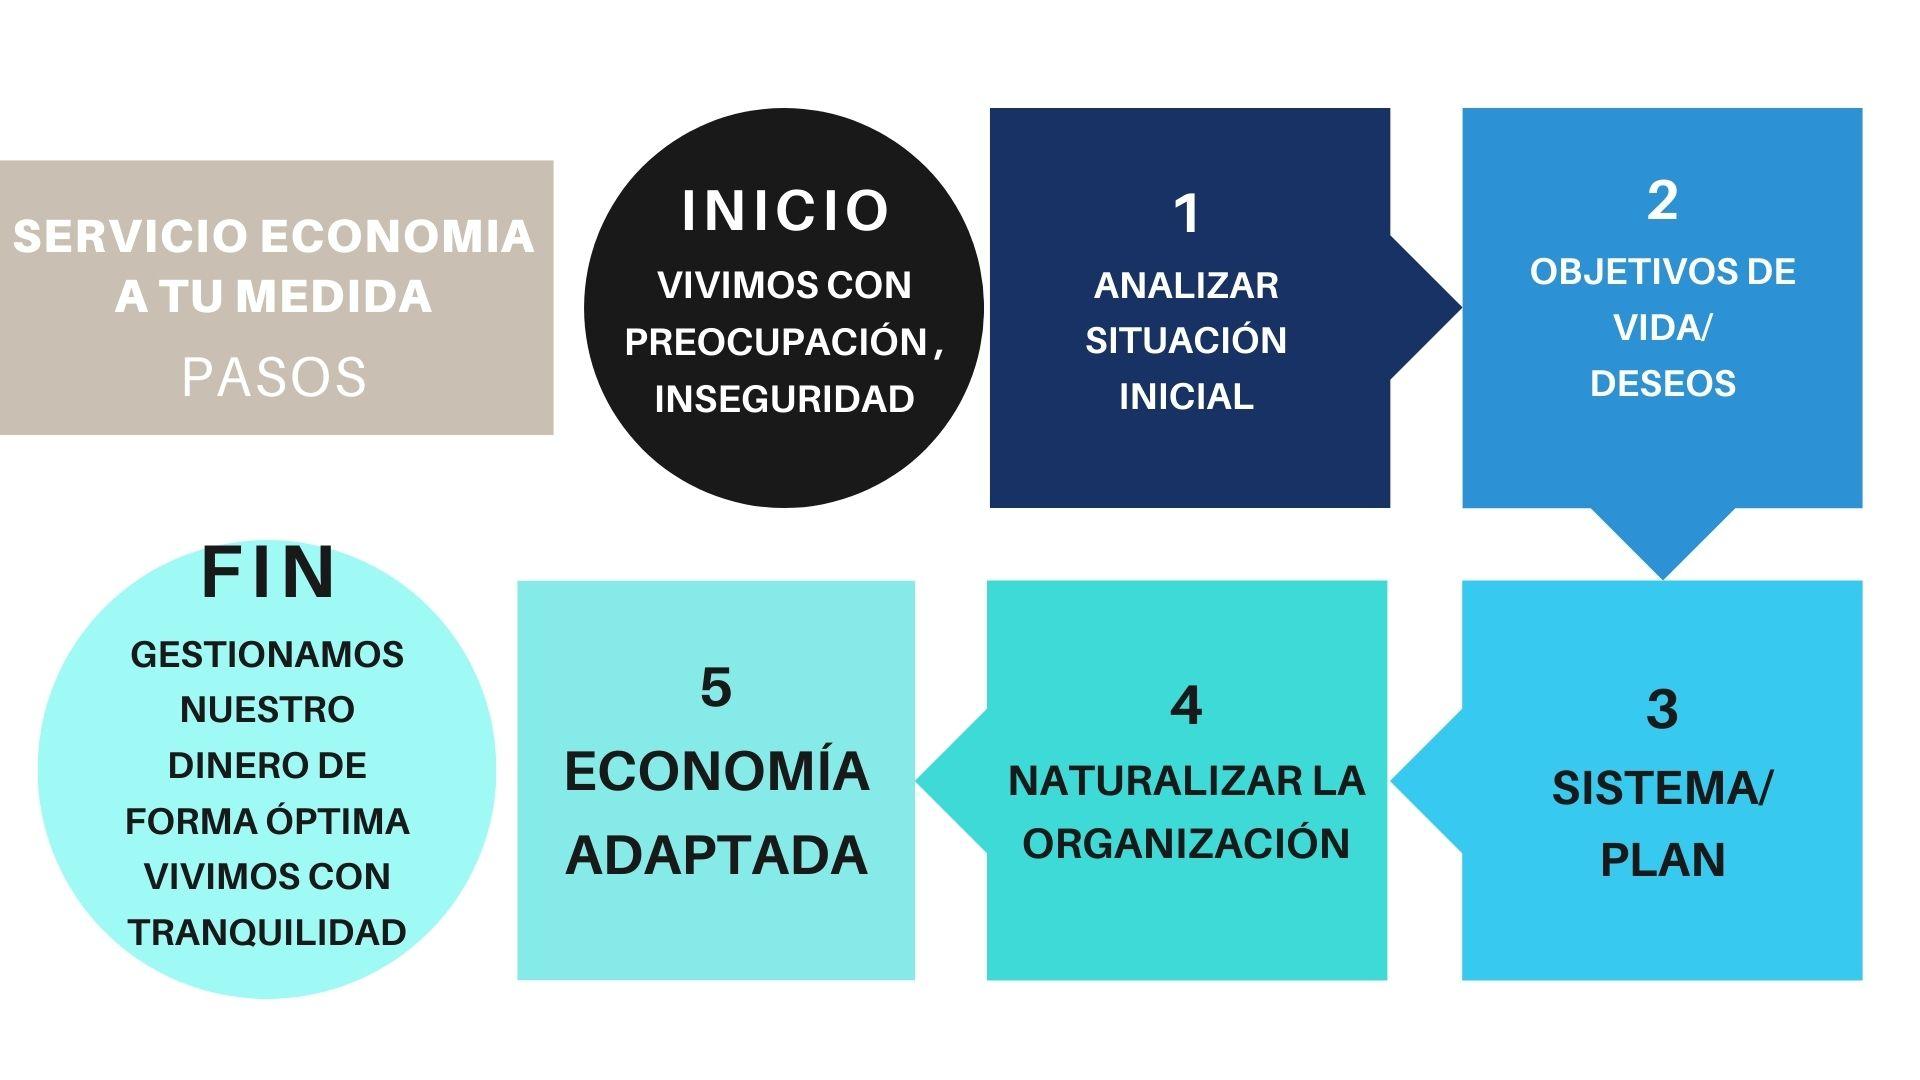 pasos servicio economia a tu medida